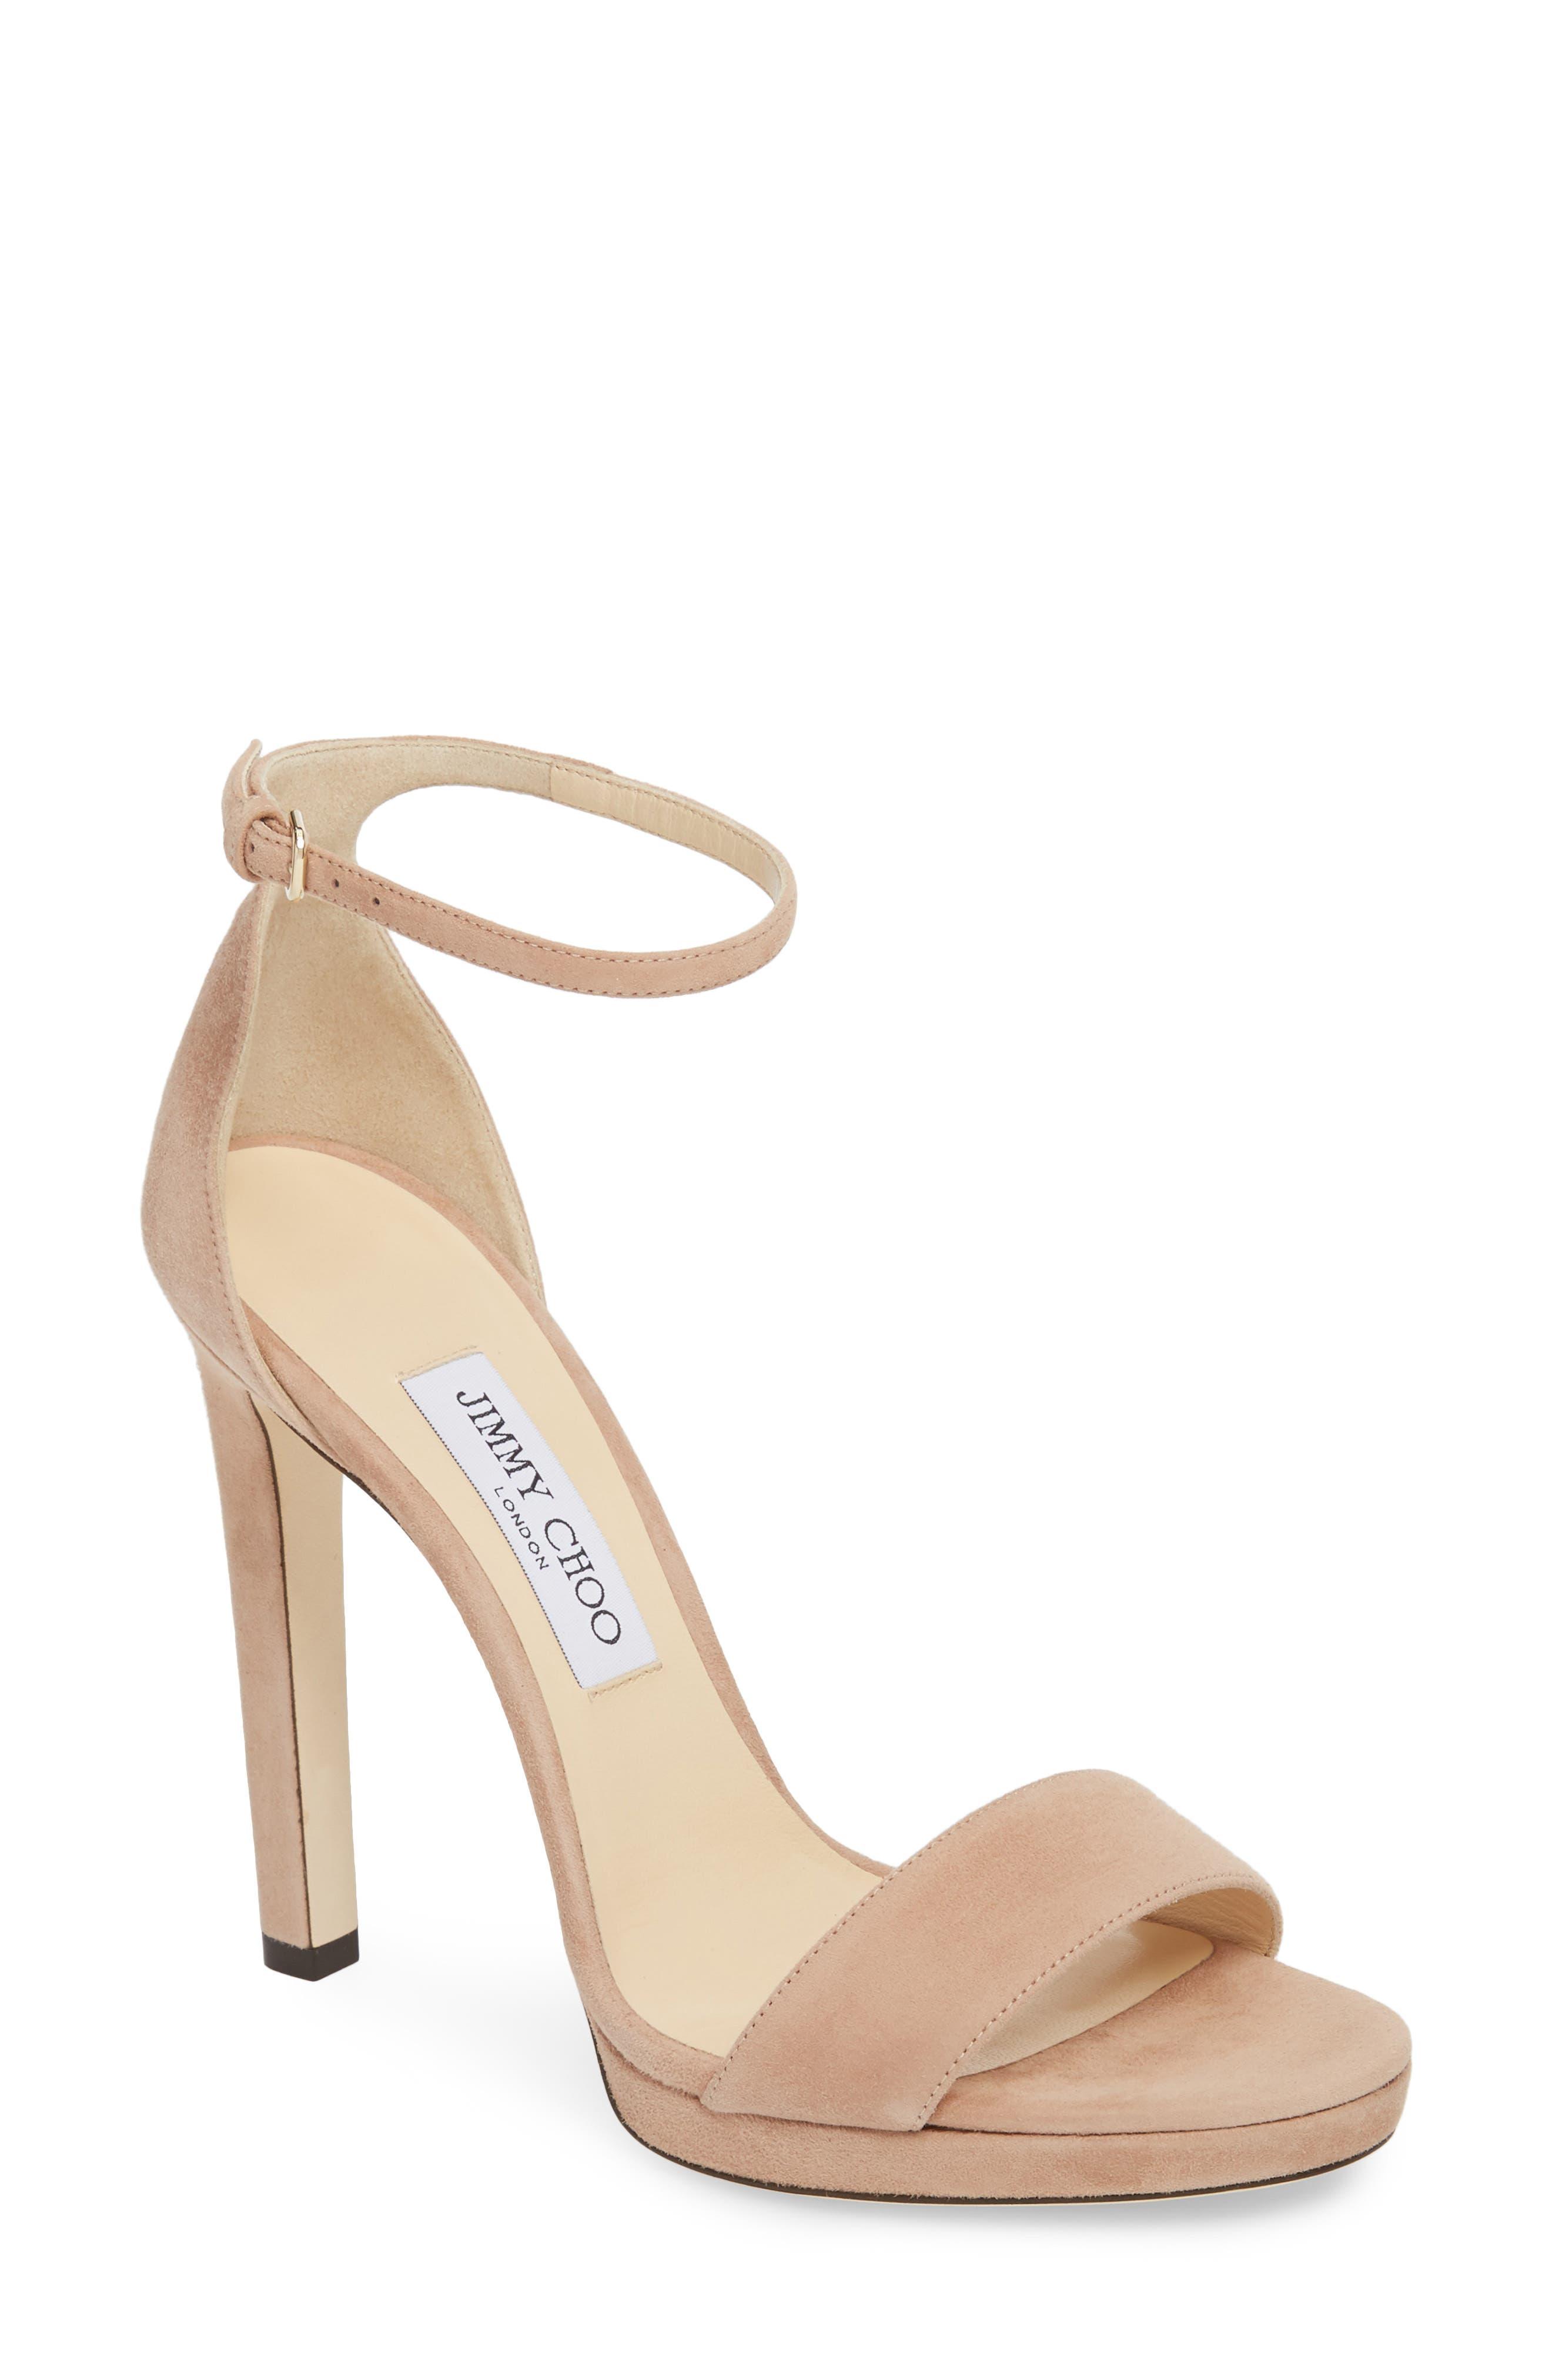 Misty Platform Sandal,                             Main thumbnail 1, color,                             Ballet Pink